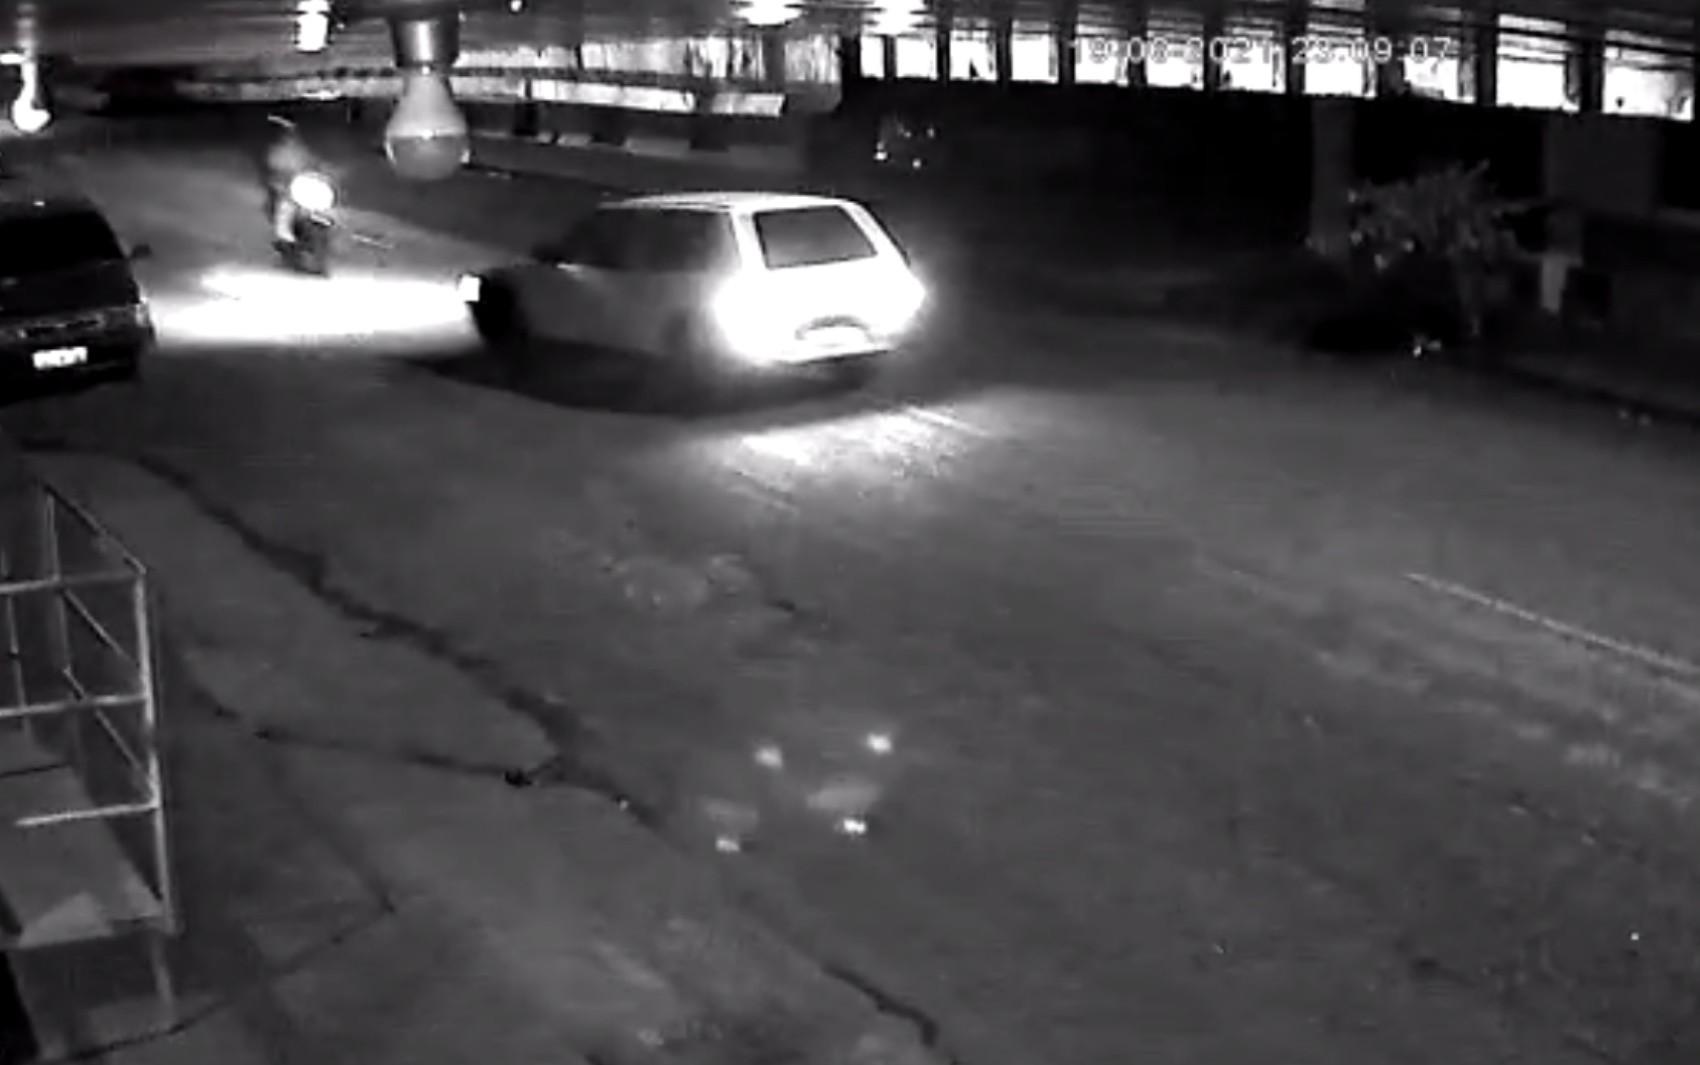 Carro invade a contramão, atinge motociclista e garupa 'voa' por cima do veículo, em Joviânia; vídeo